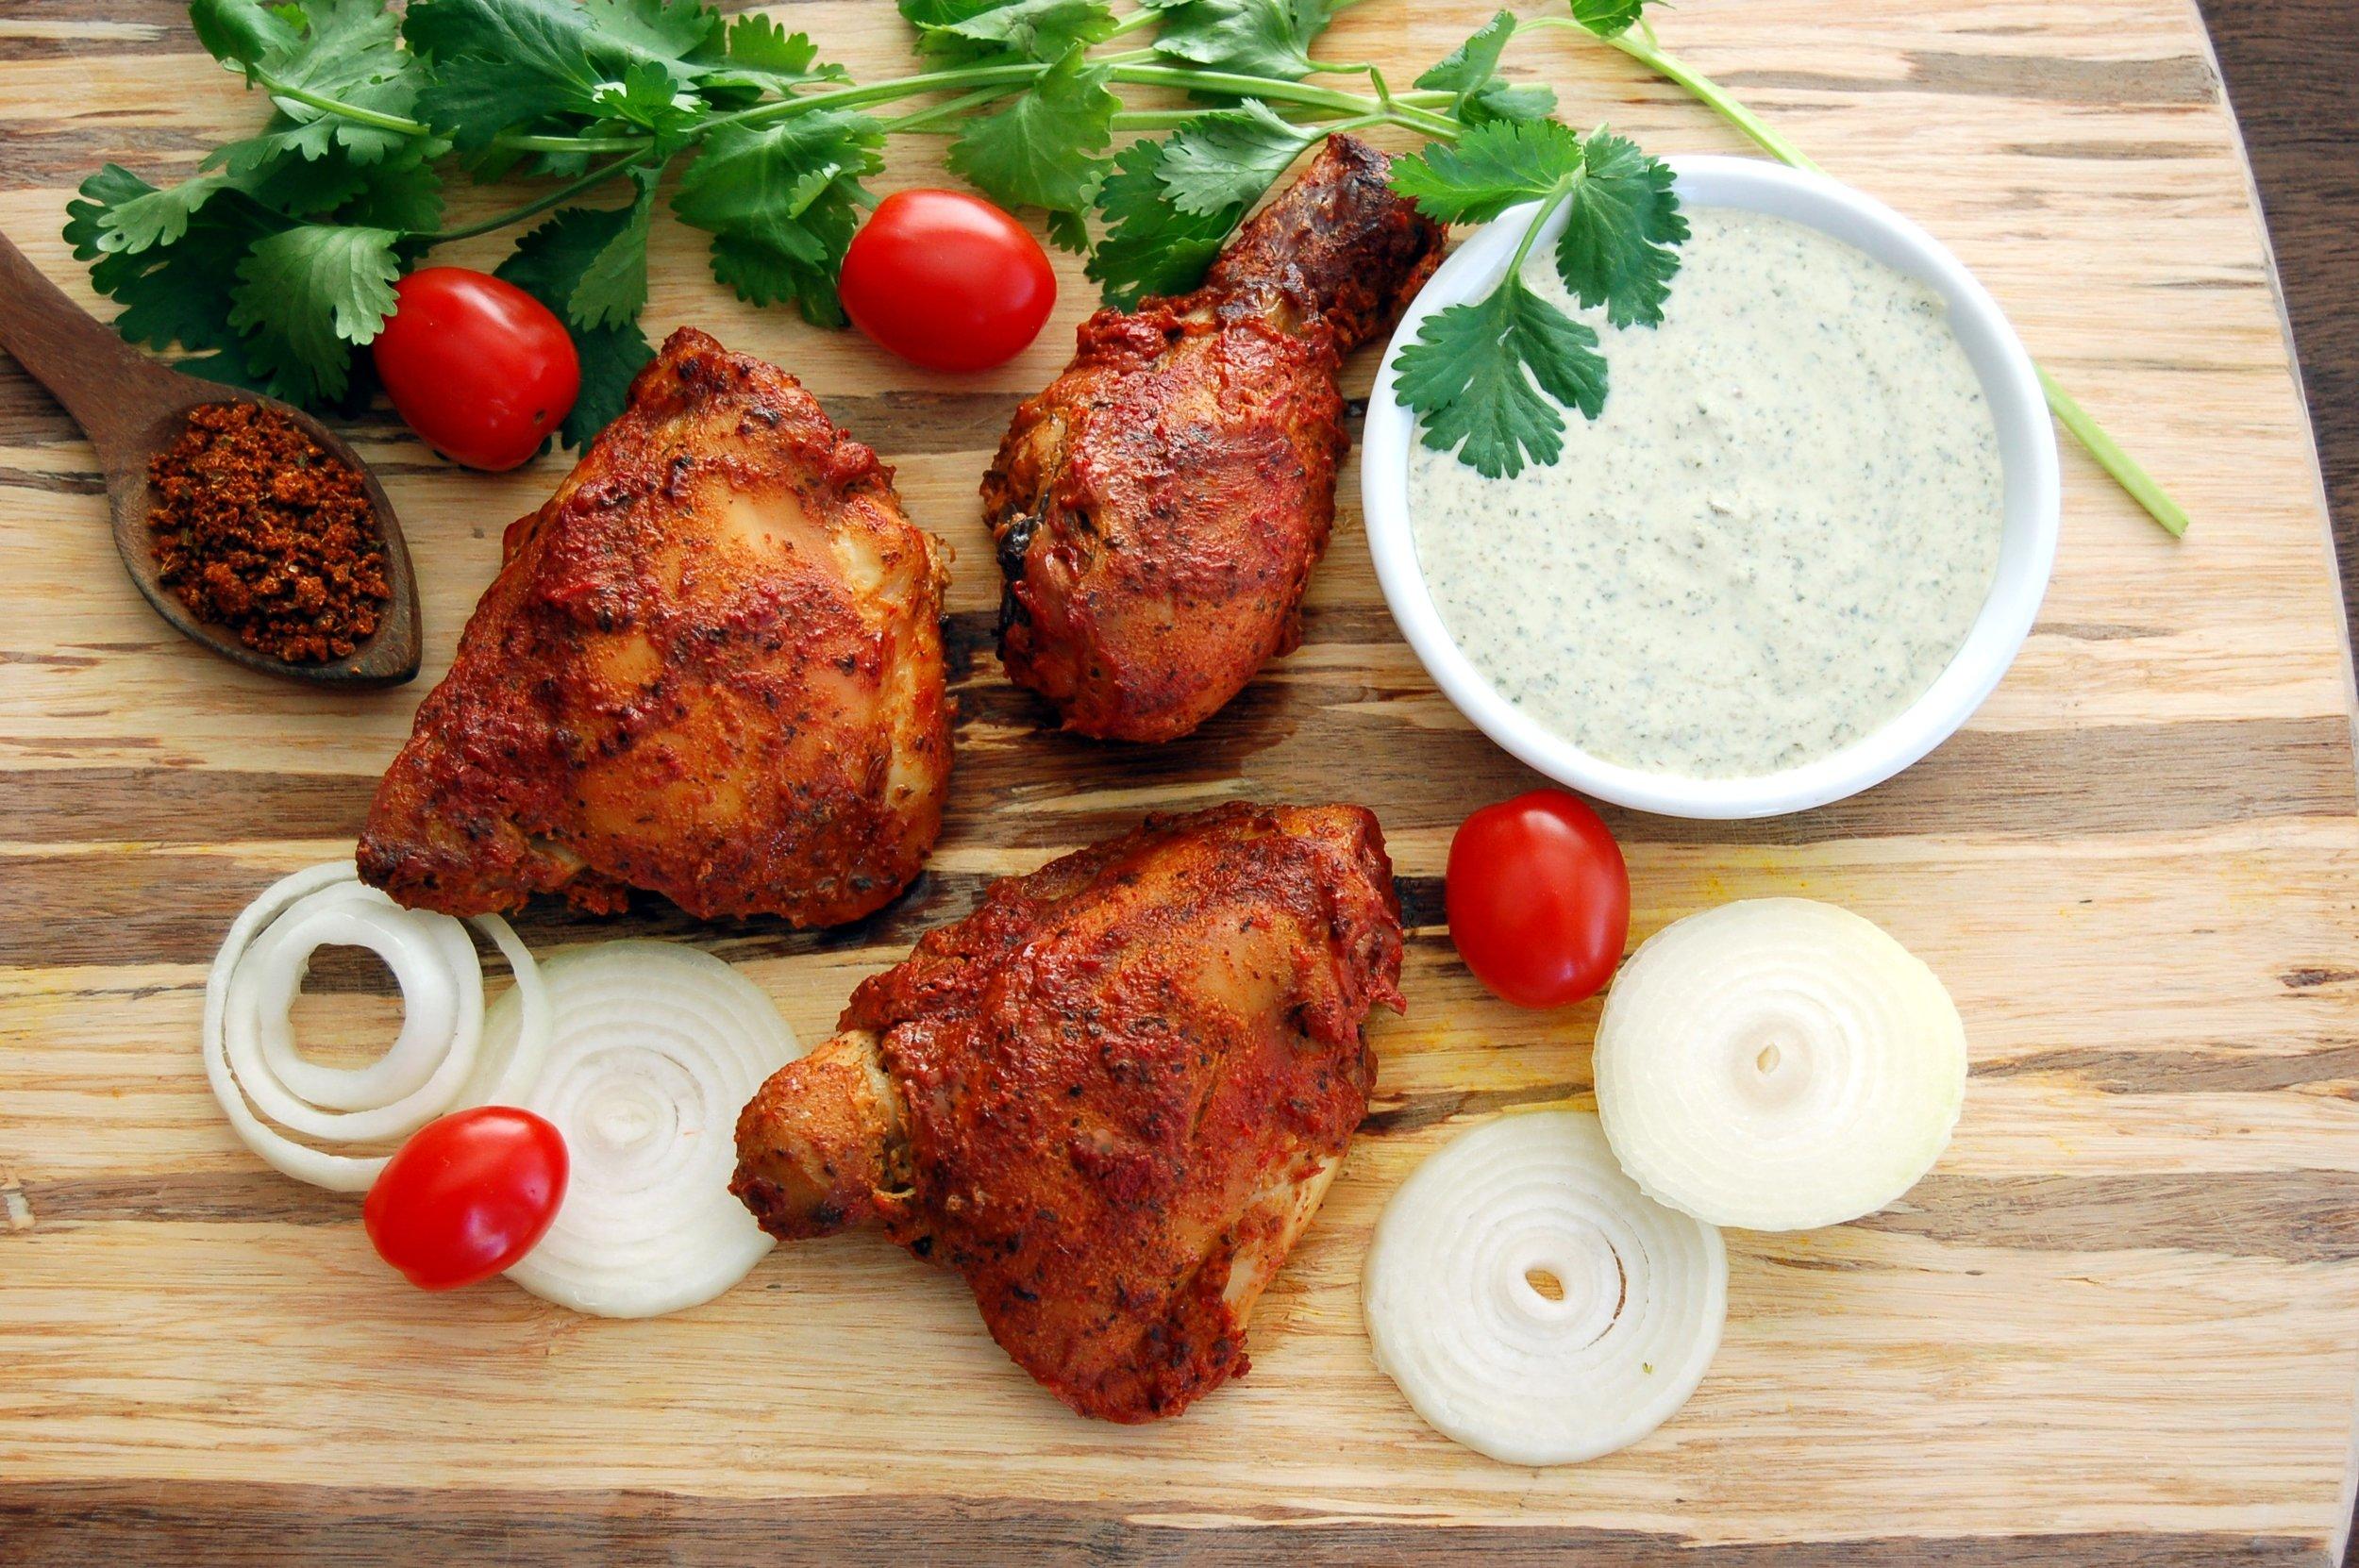 POULET TANDOORI - {Tandoori Masala Arvinda's}Utilisez le Tandoori Masala Arvinda's pour cuisiner le populaire poulet Tandoori. Faites cuire au four ou sur le barbecue (encore meilleur!) et servez-le avec du pain naan et du raïta pour un repas sain et délicieux.